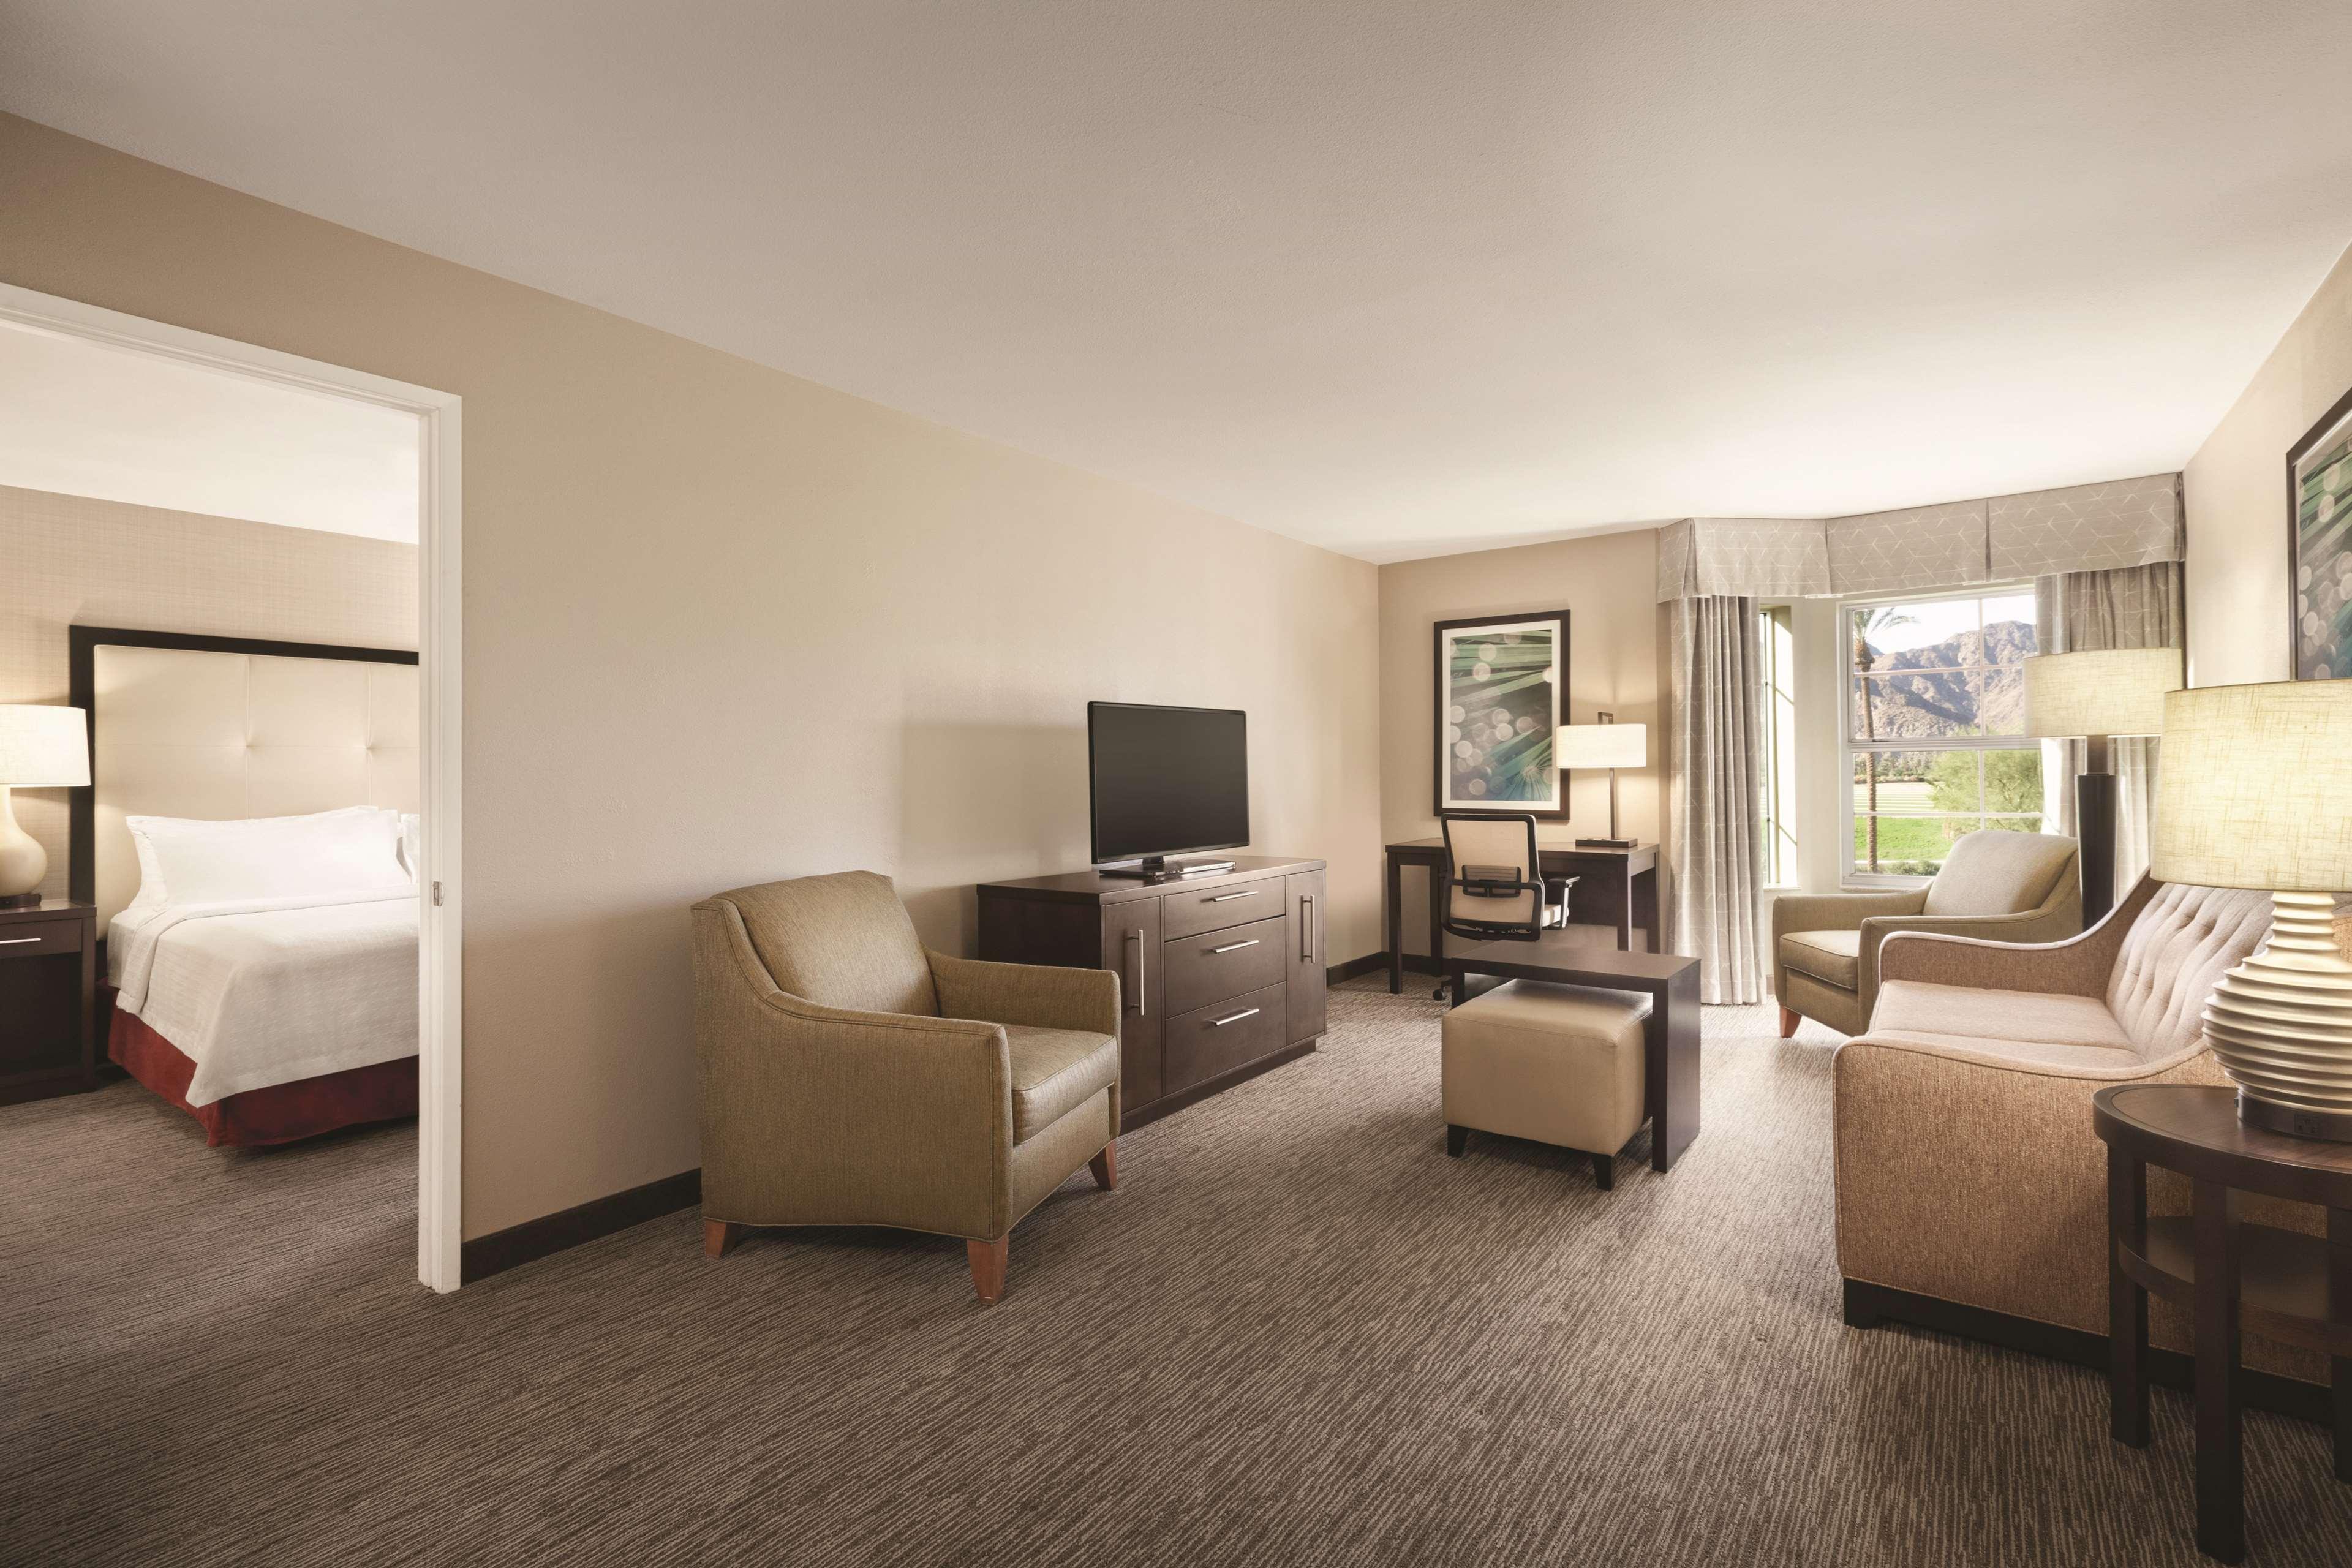 Homewood Suites by Hilton La Quinta image 32